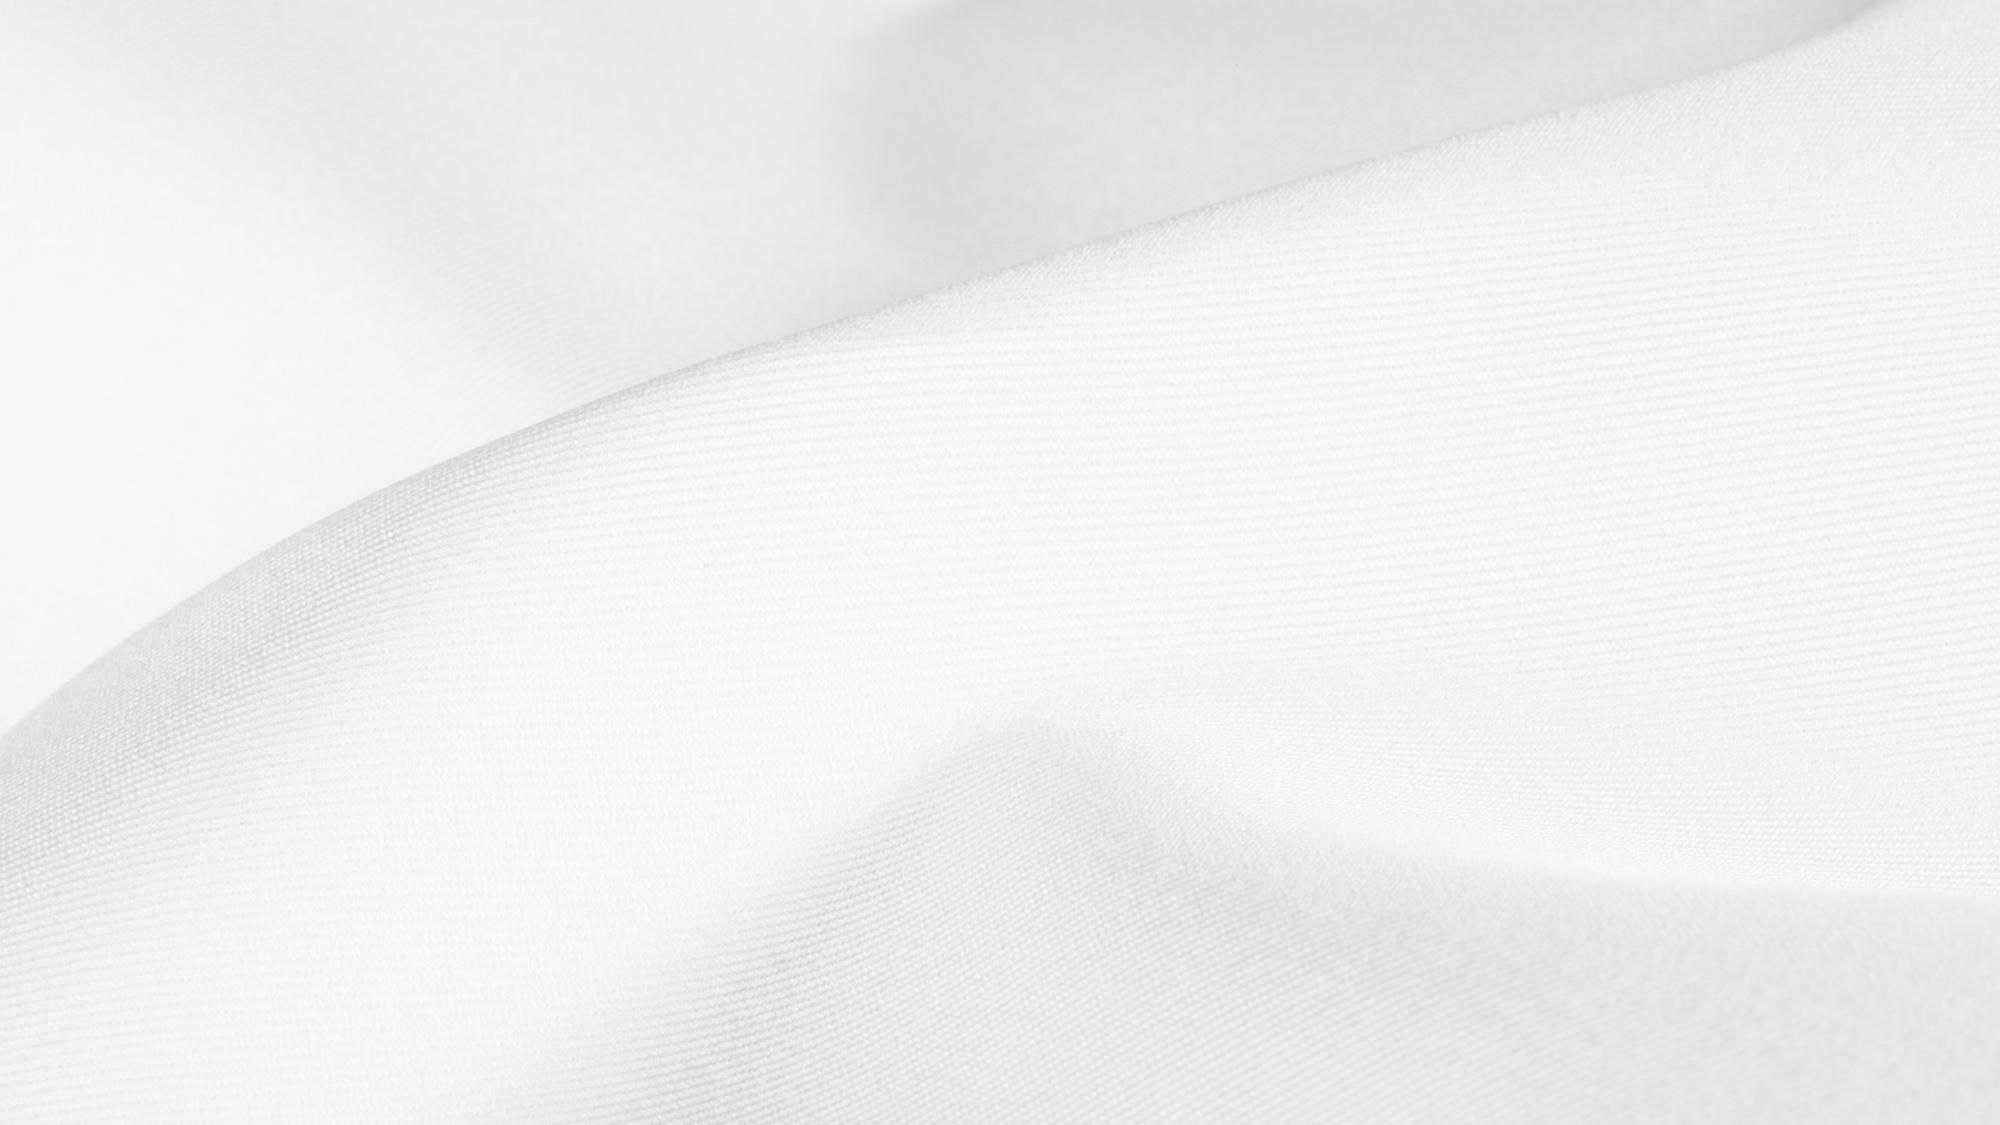 chemise luxe haut de gamme coton sea island blanc